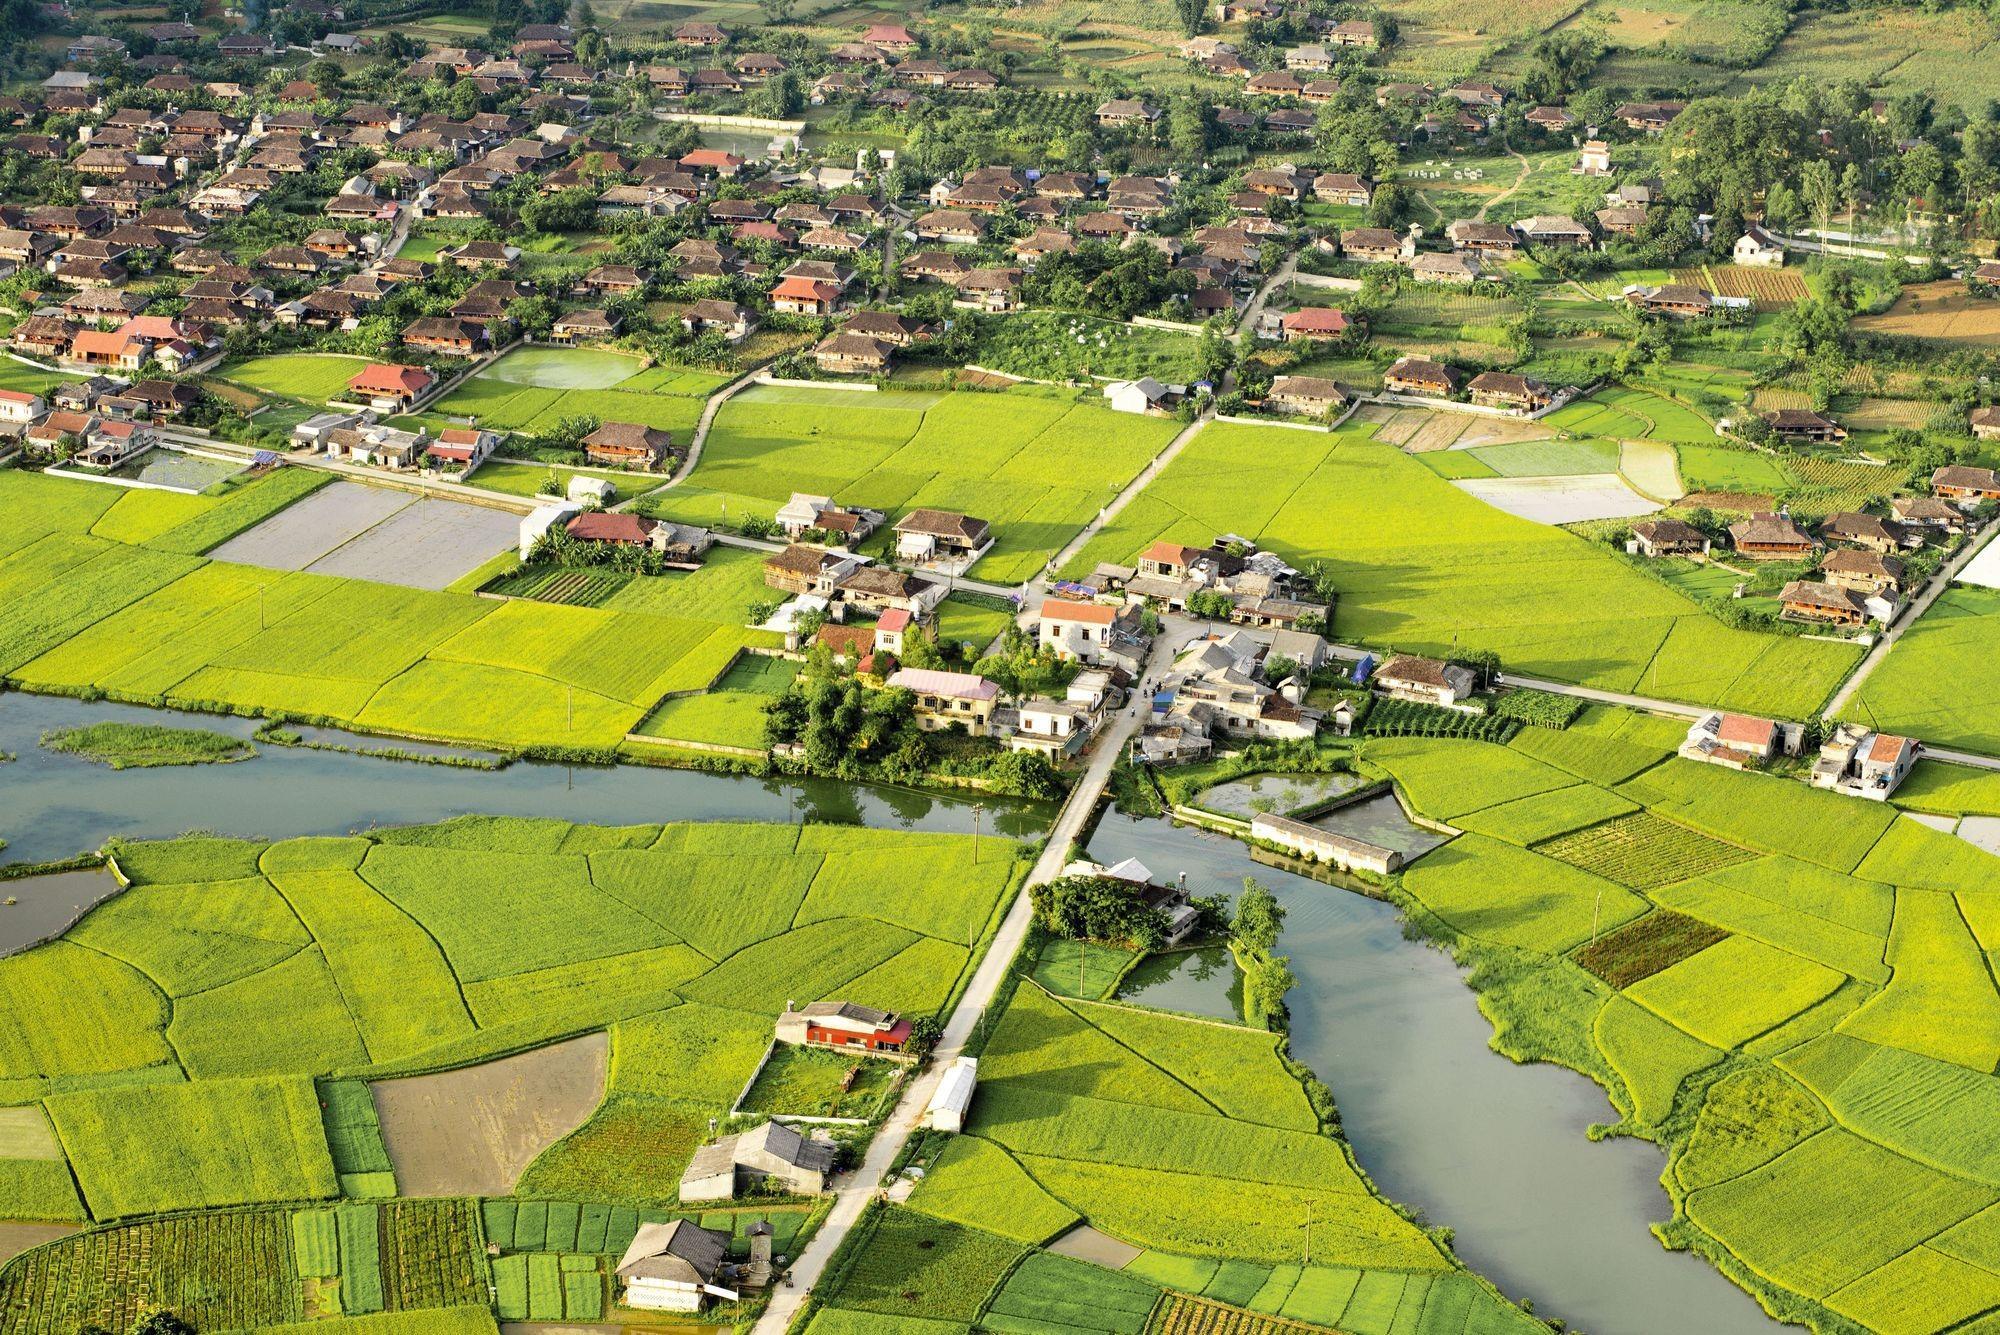 Des campagnes entre activités agricoles et urbanisation